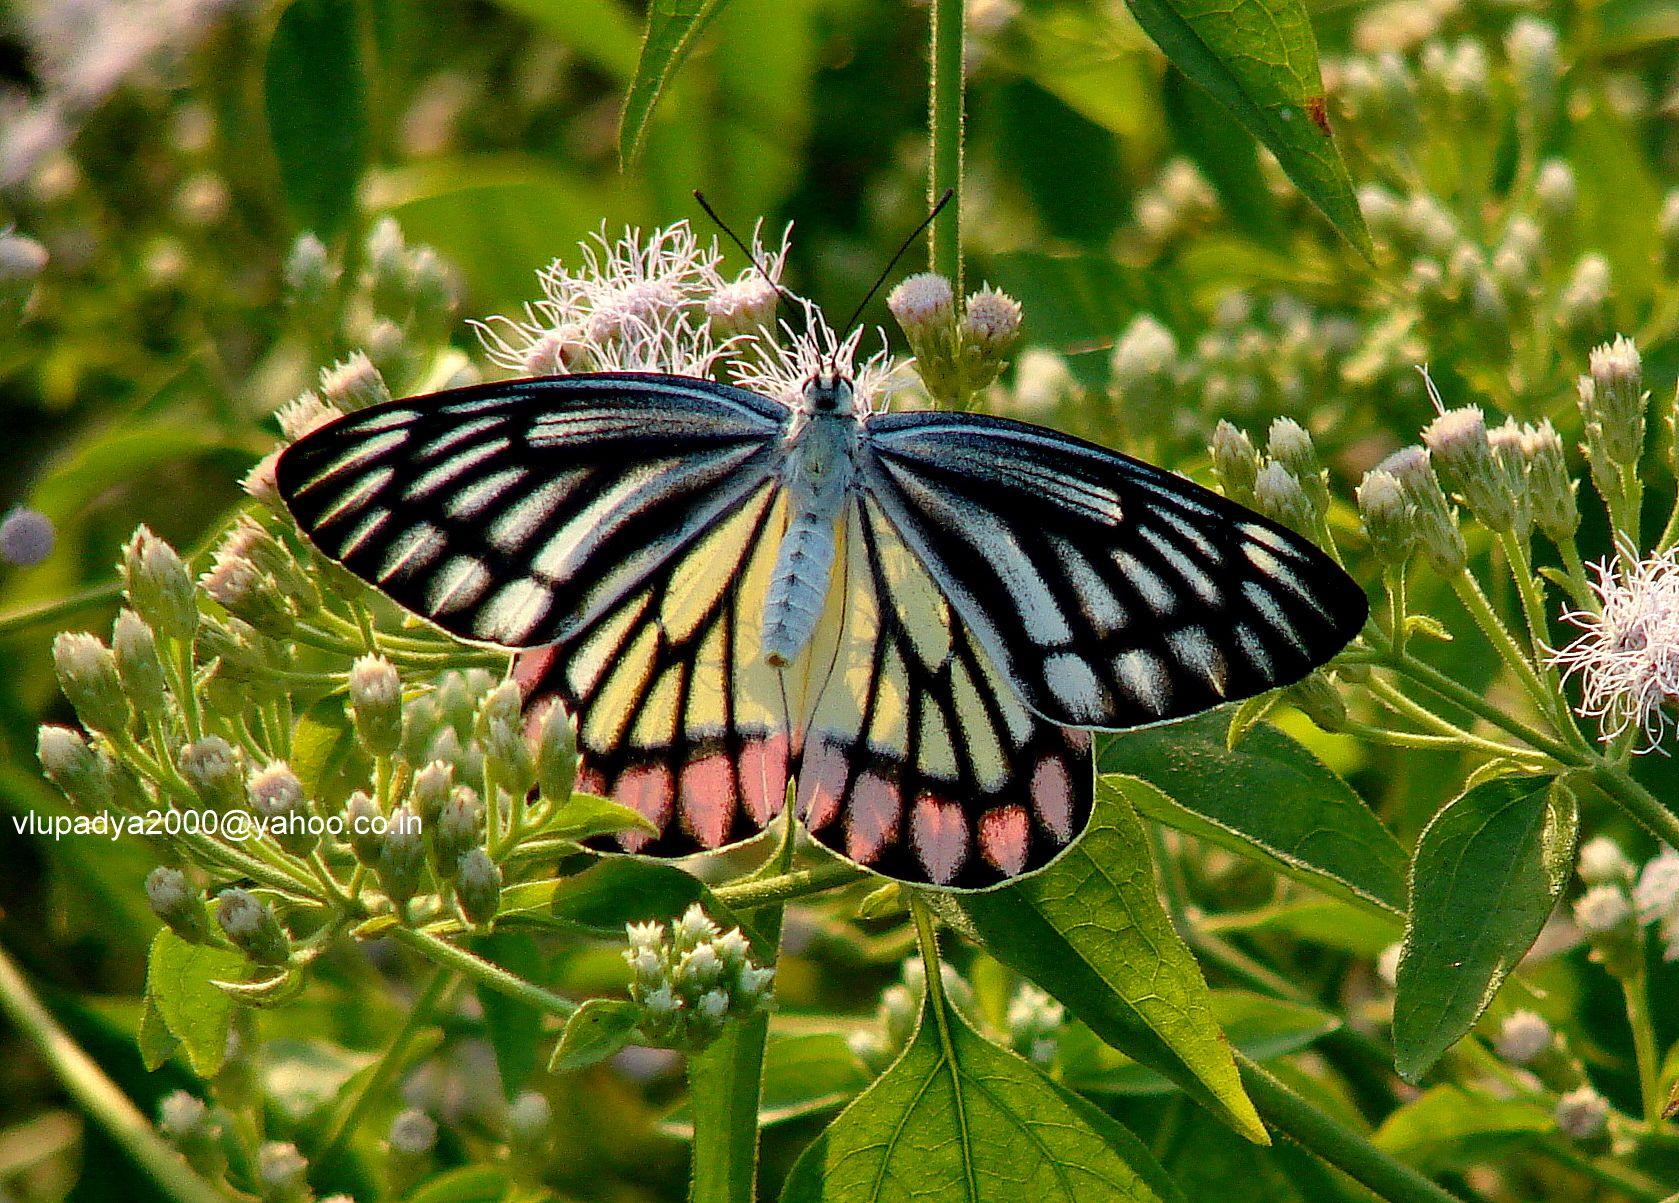 Khaskhabar/राष्ट्रीय तितली: इन दिनों देशभर में तितलियों को गिनने, समझने और